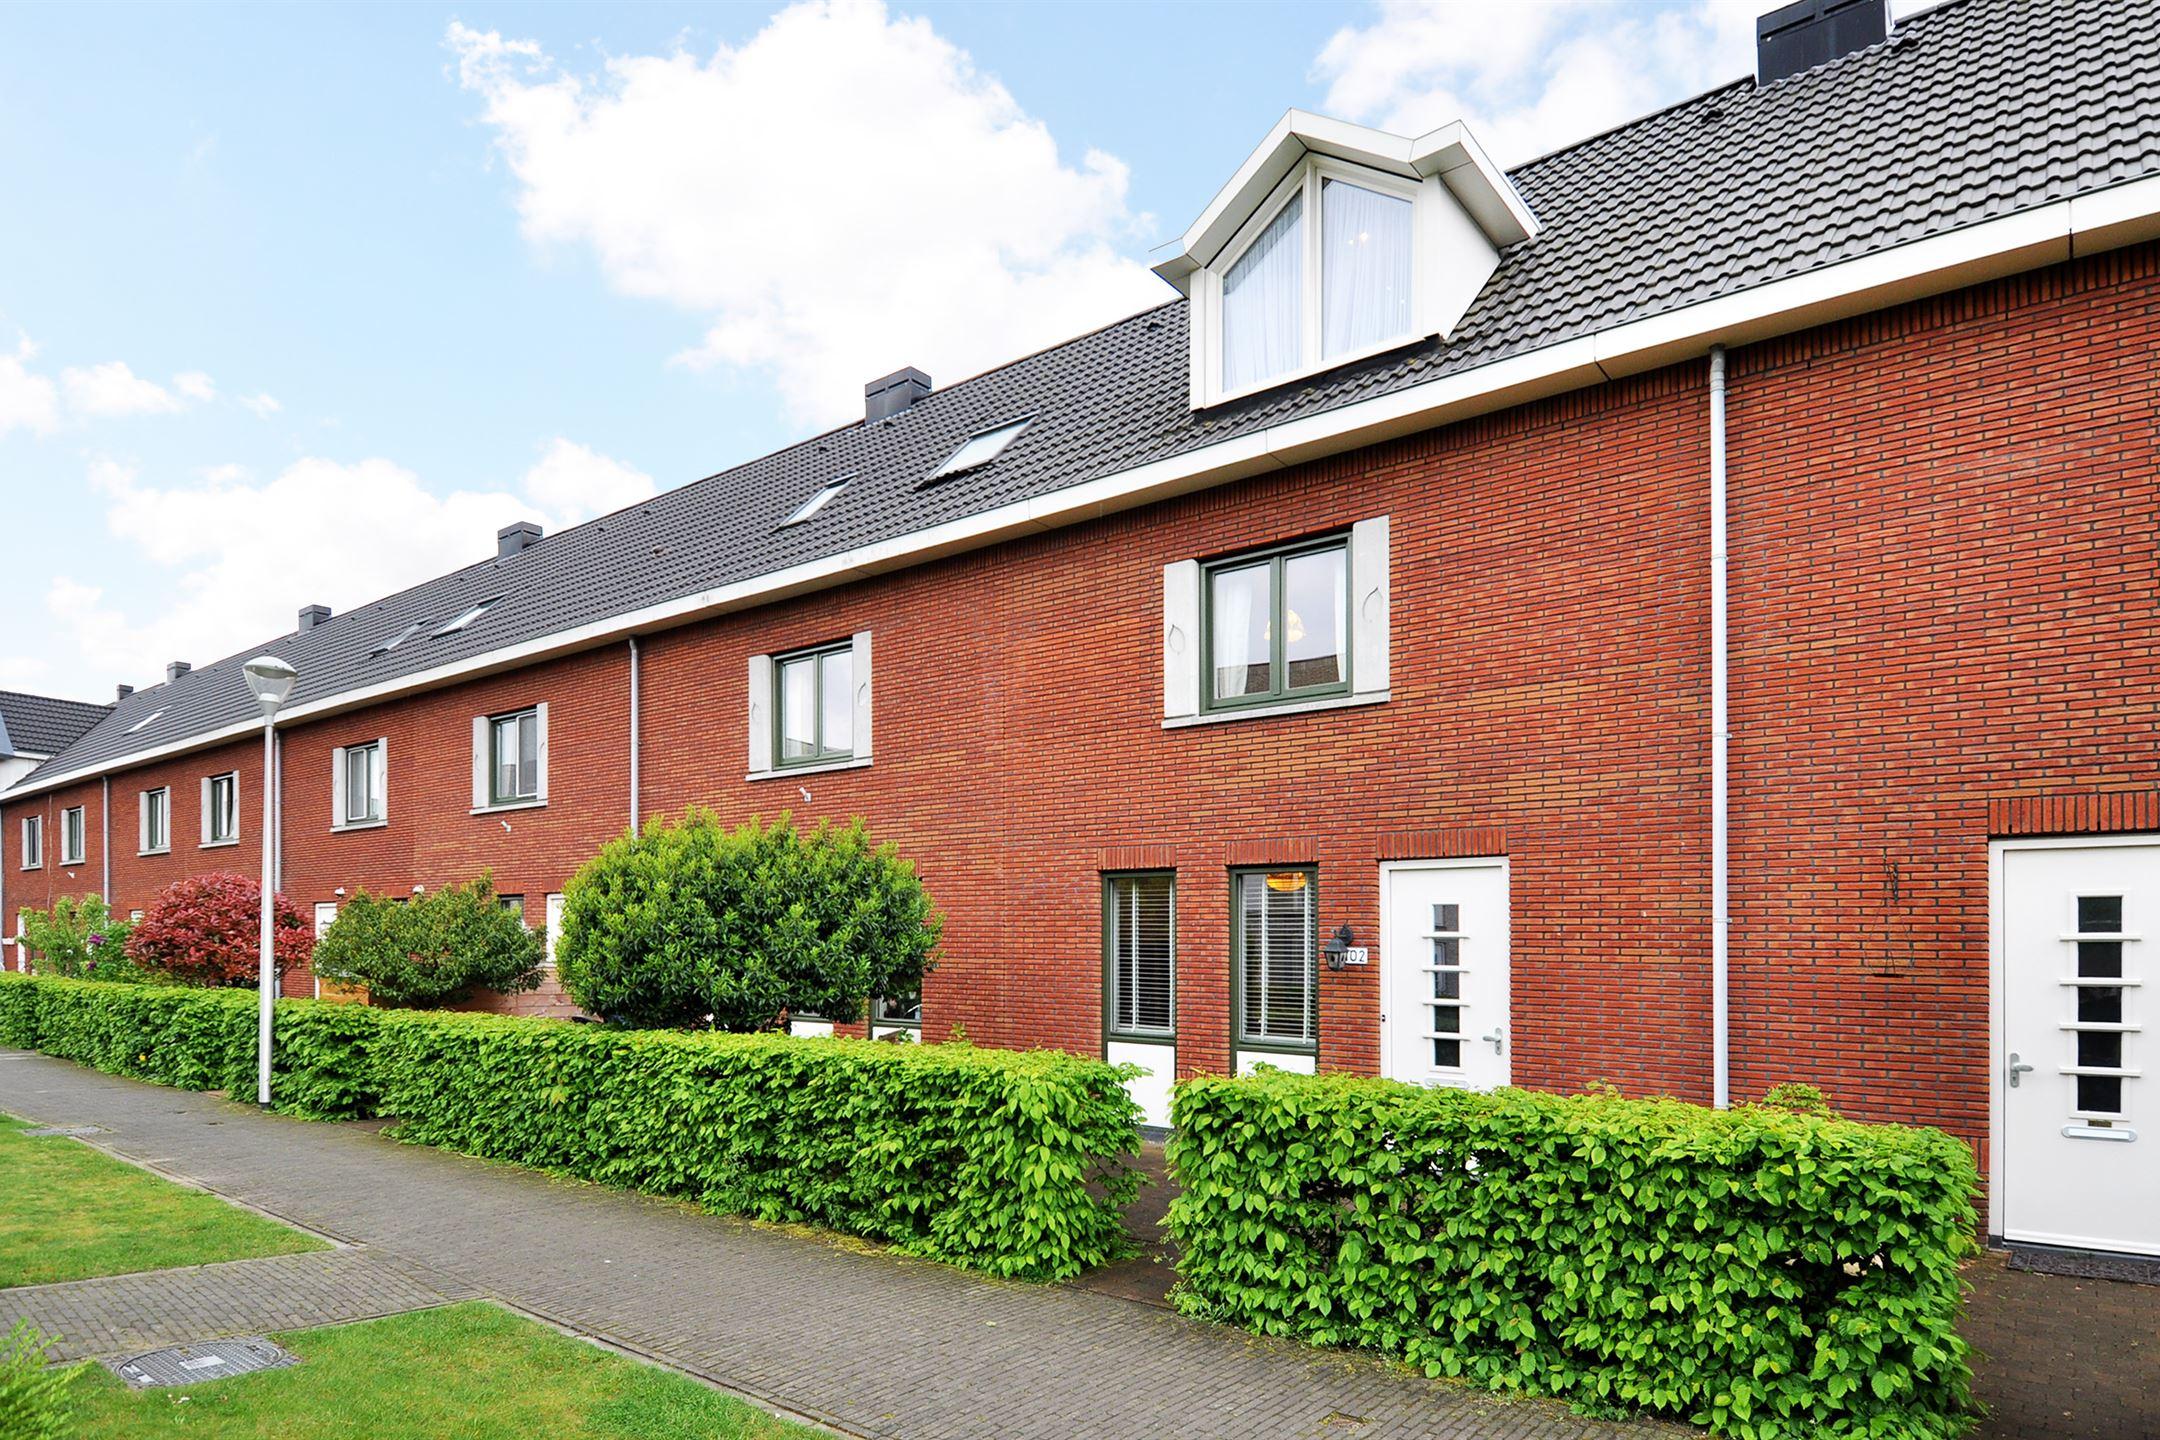 Verkocht soesterberghof lh nootdorp funda